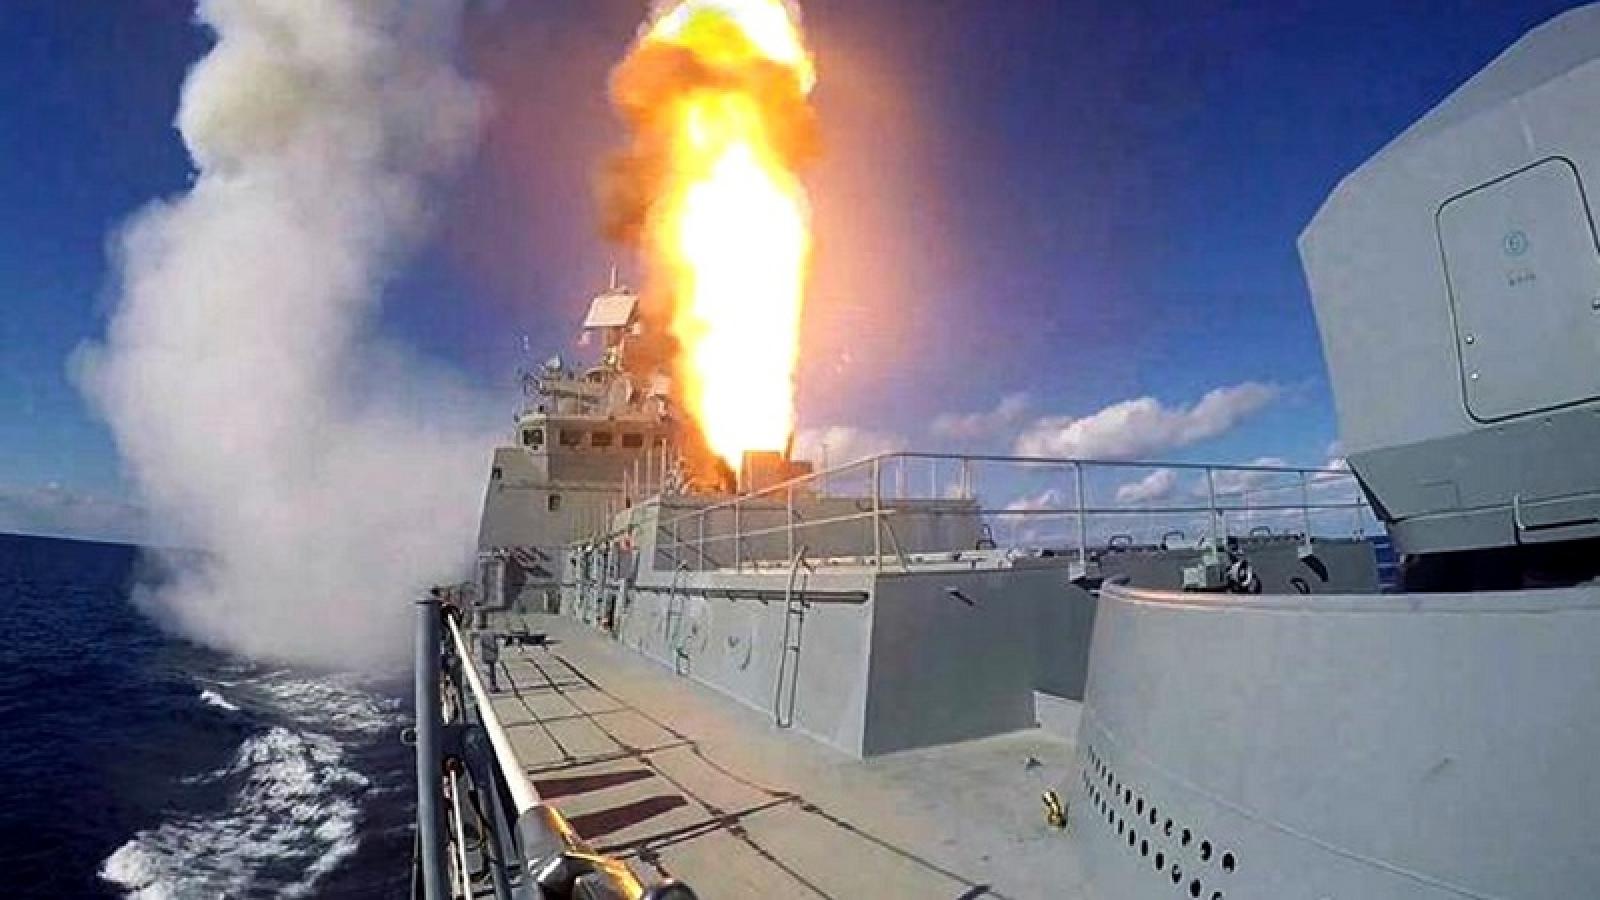 Khinh hạm Đô đốc Grigorovich của Nga diễn tập phóng tên lửa ở Biển Đen